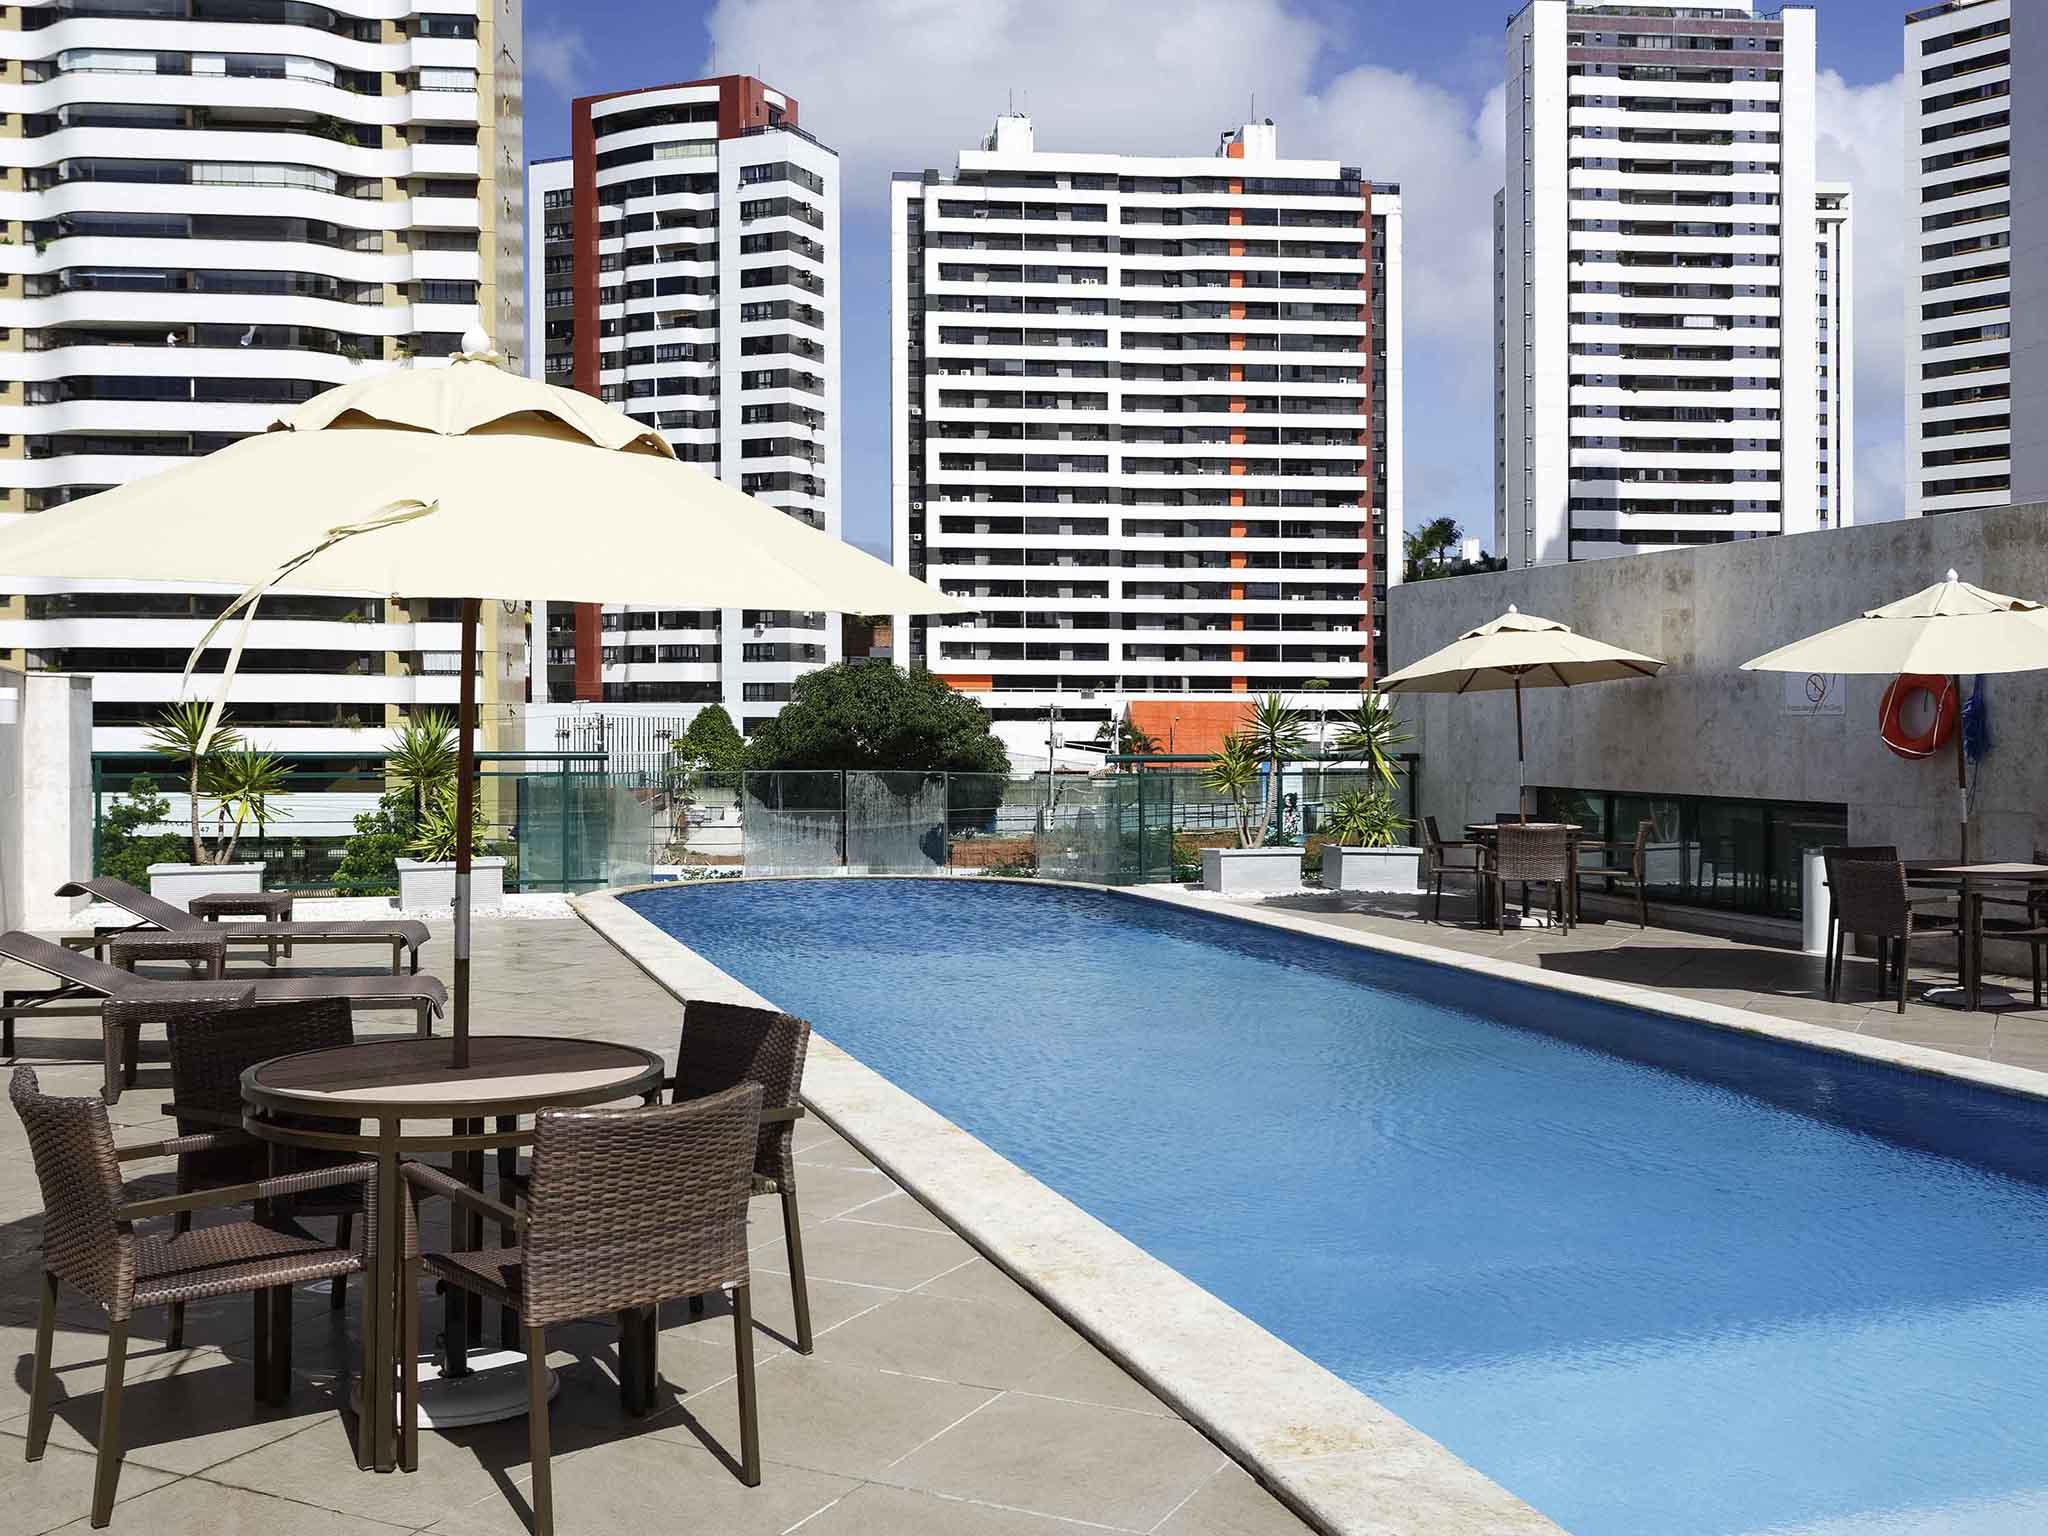 酒店 – 萨尔瓦多皮图巴美居酒店(原凯撒商务酒店)